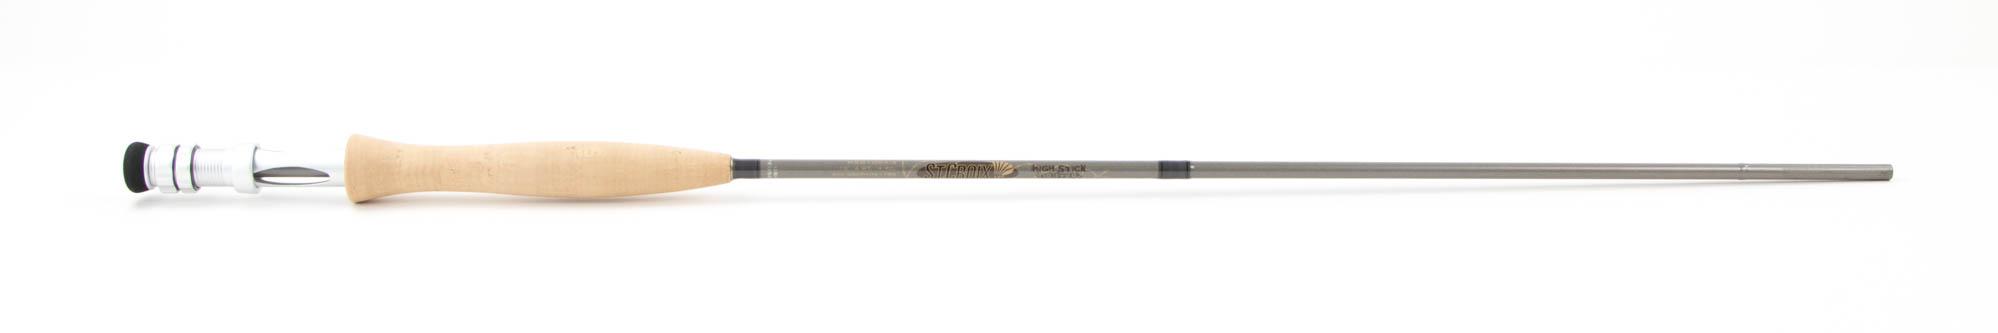 St. Croix High Stick Drifter Fly Rod 600